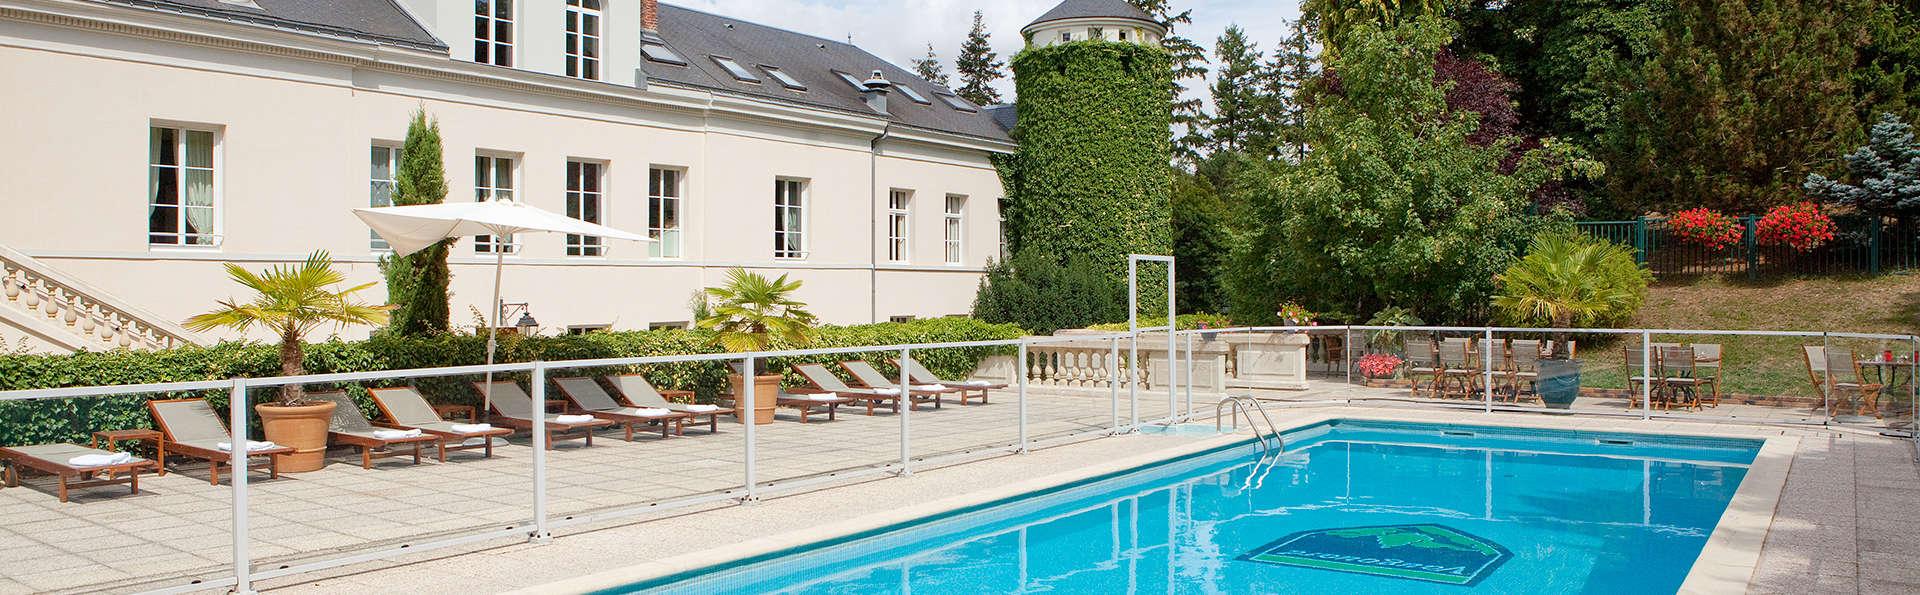 H tel domaine et golf de vaugouard h tel de charme for Meubles 9 fontenay sur loing